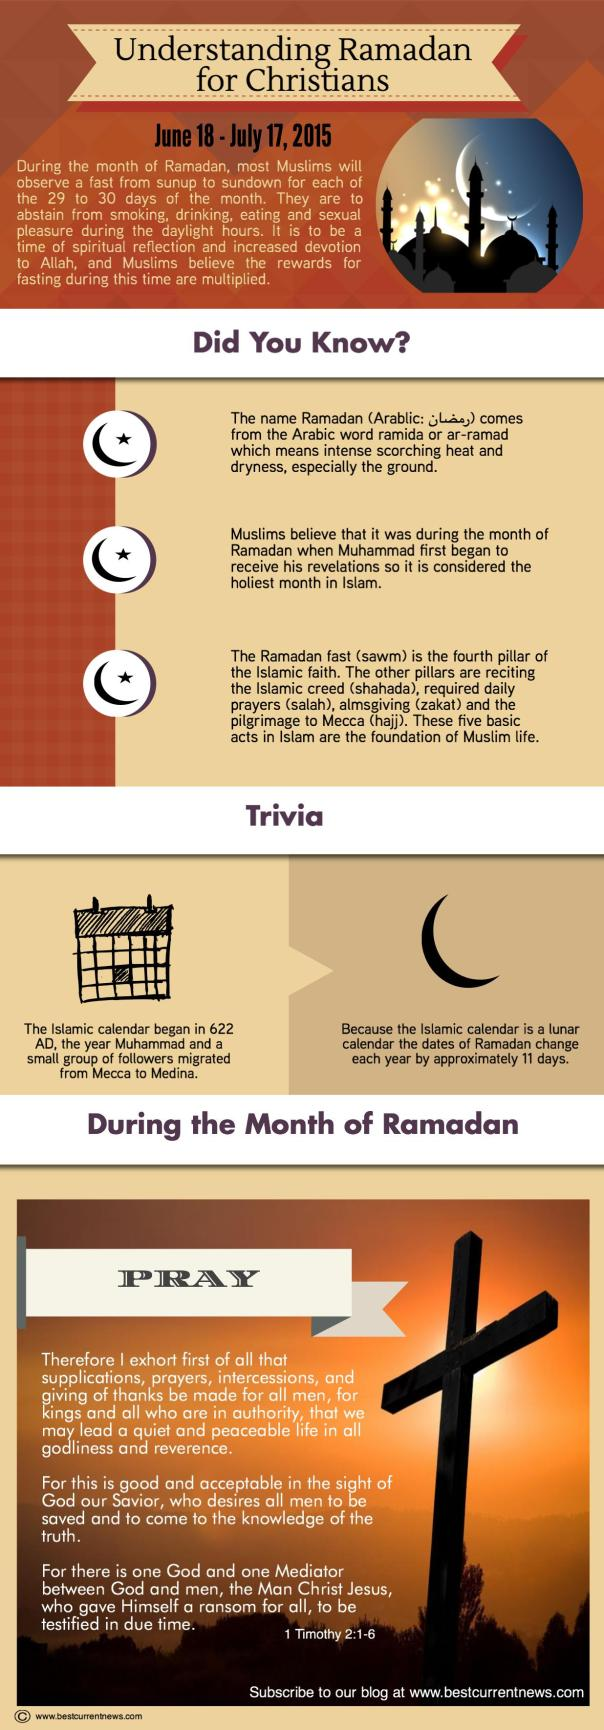 BCN Ramadan 2015 Day 1